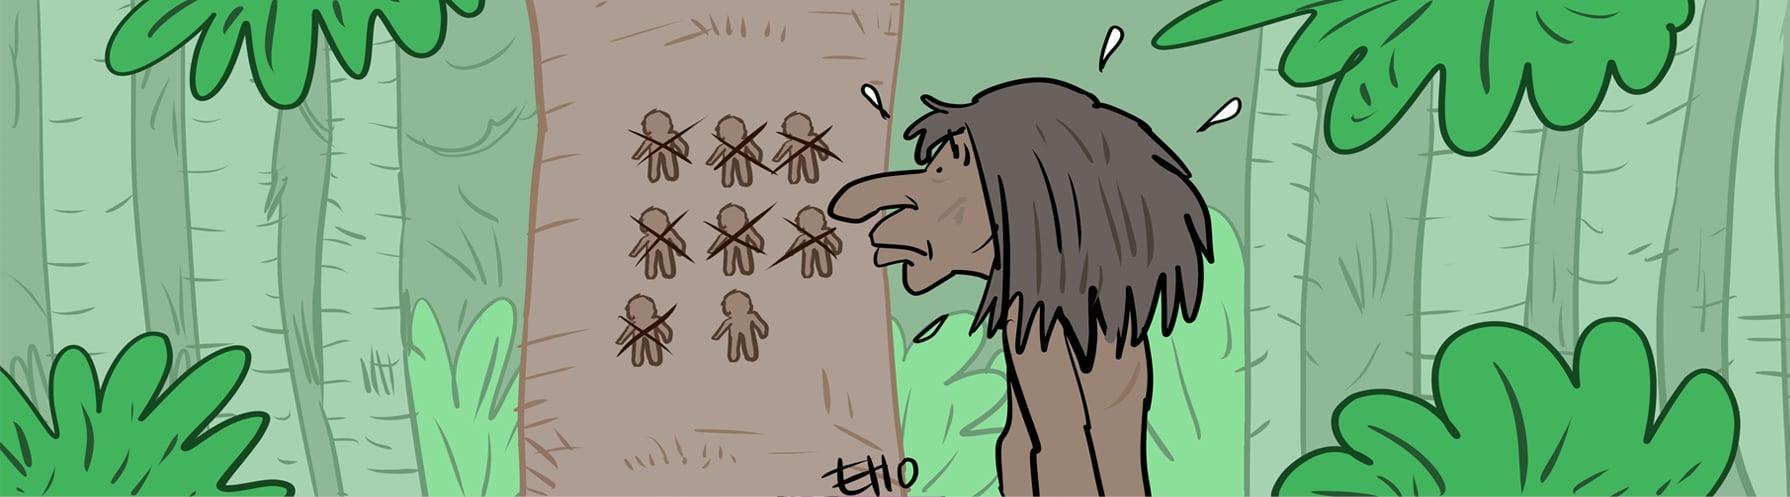 Dernier survivant d'une tribu d'Amazonie